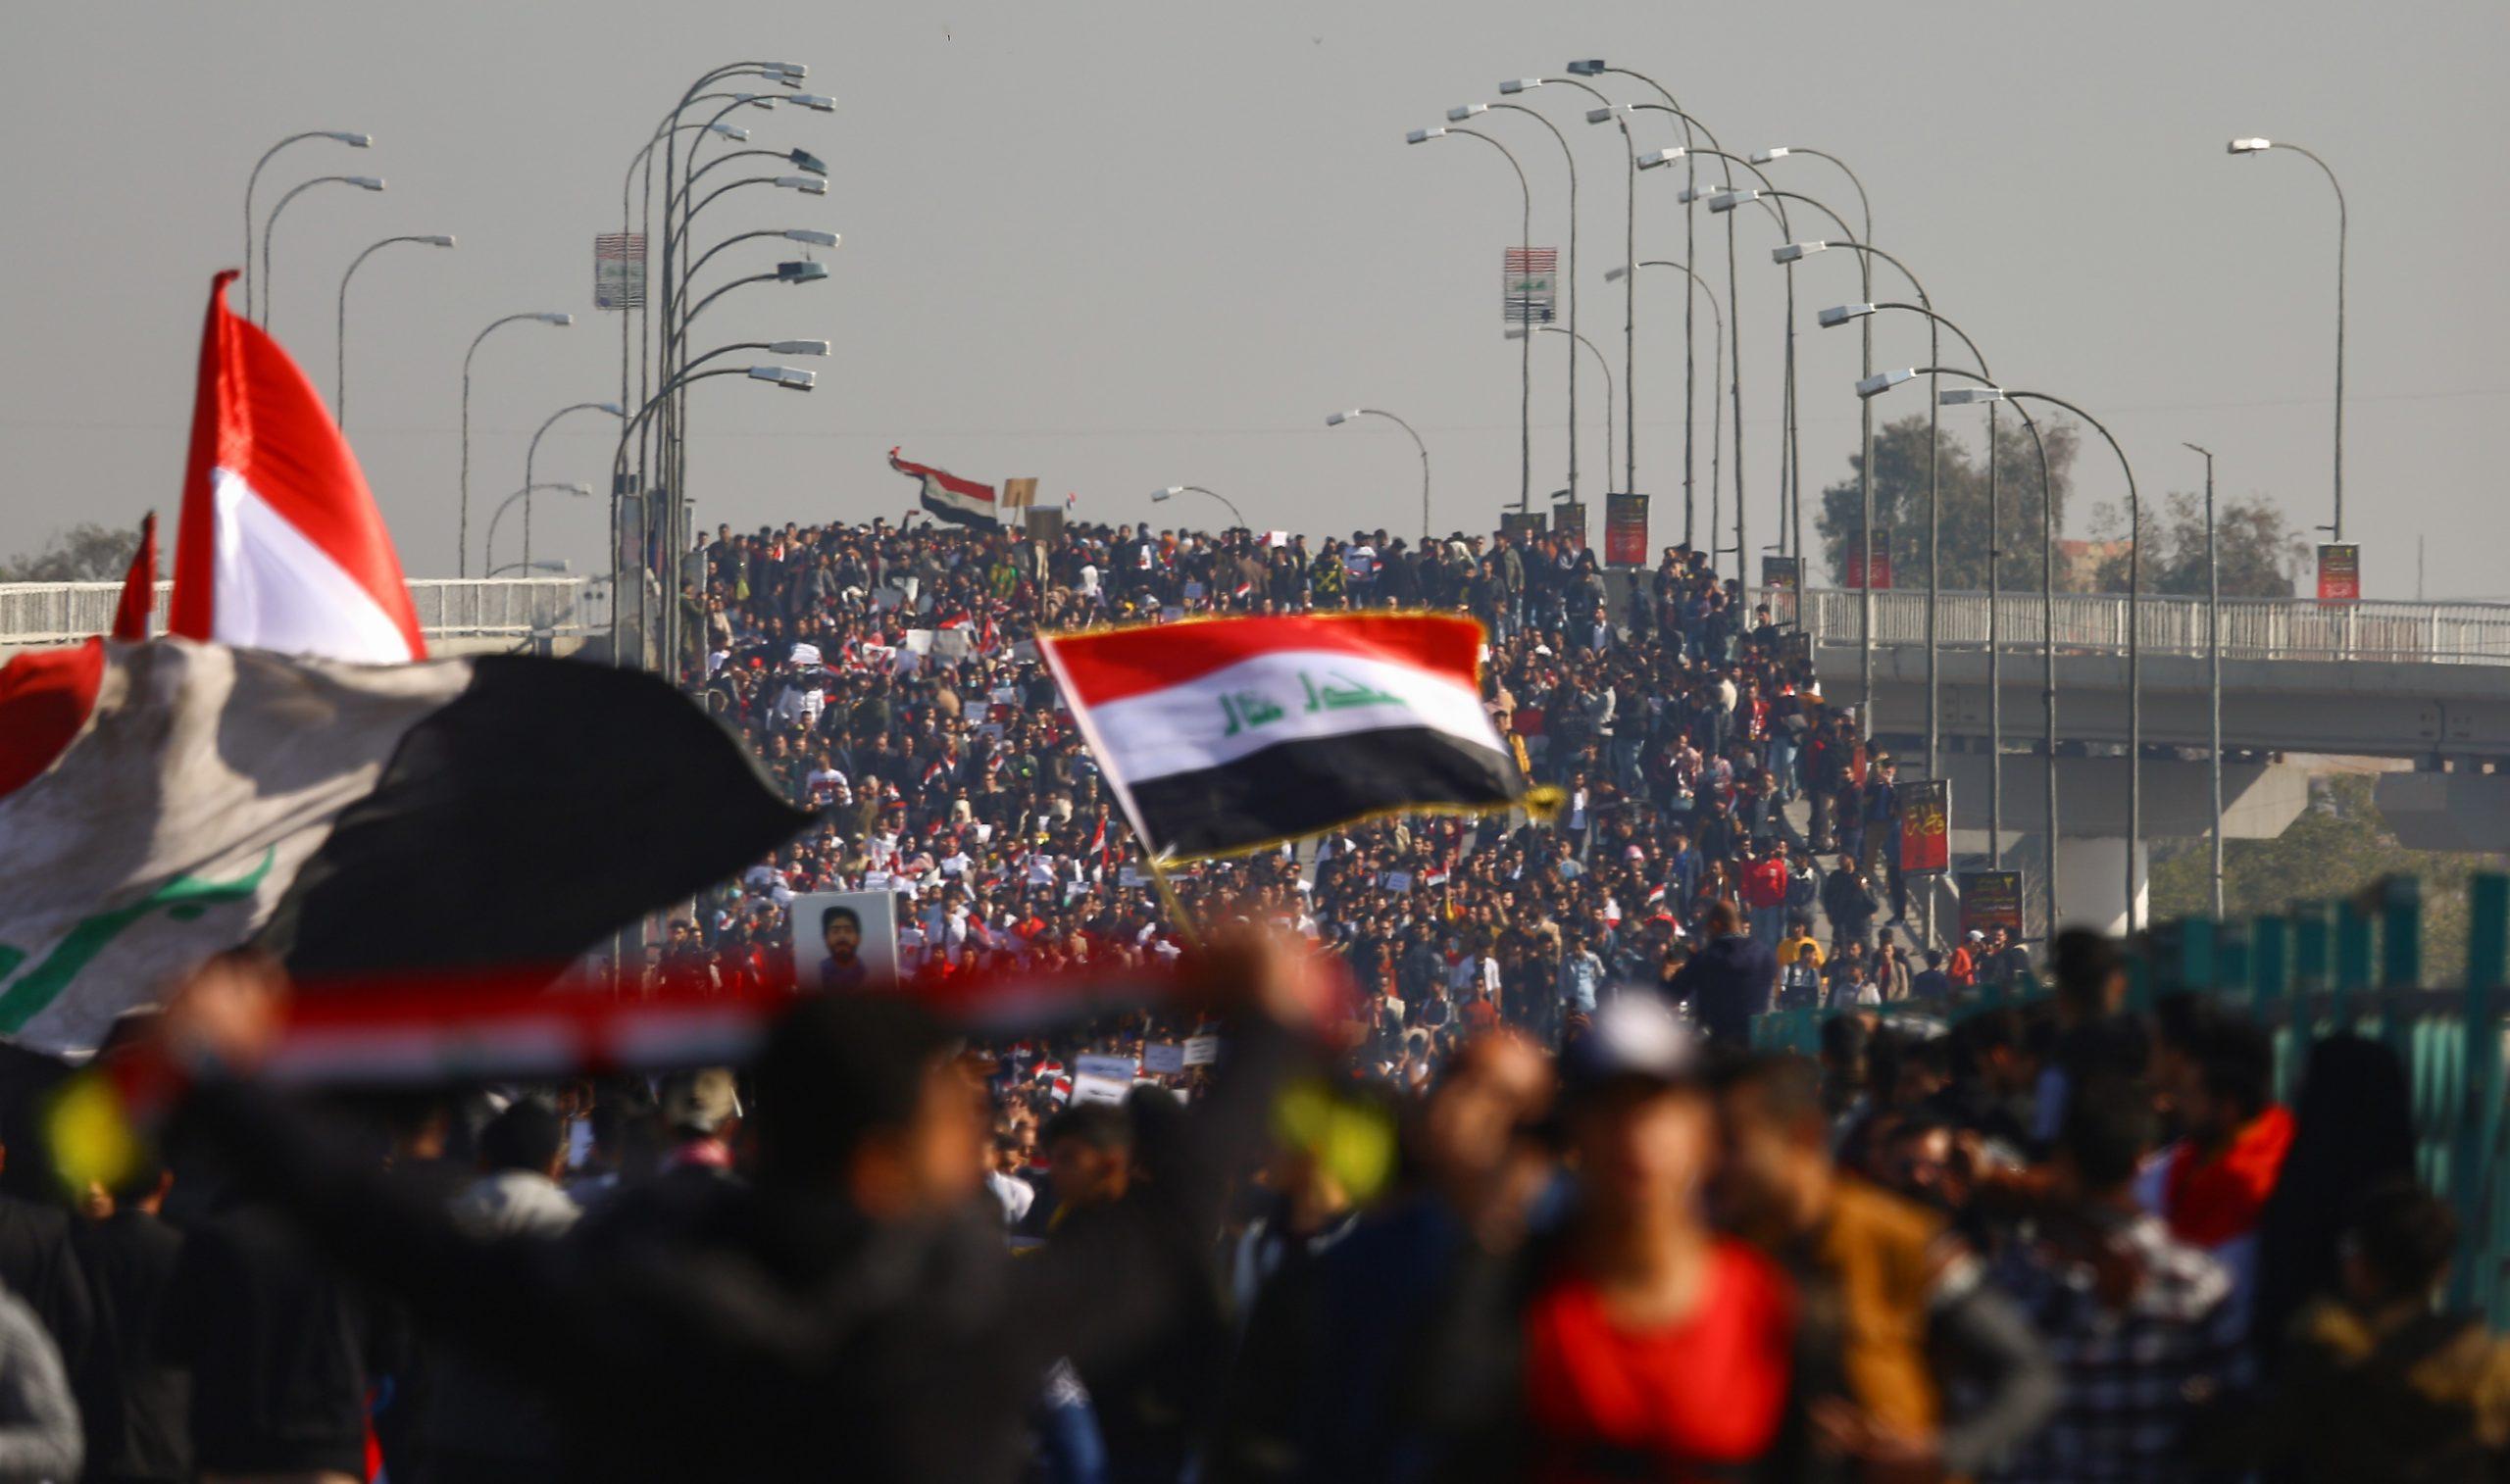 Valtava joukko irakilaisnuoria osoittaa mieltään sillalla. Irakin lippu kuvan etualalla.